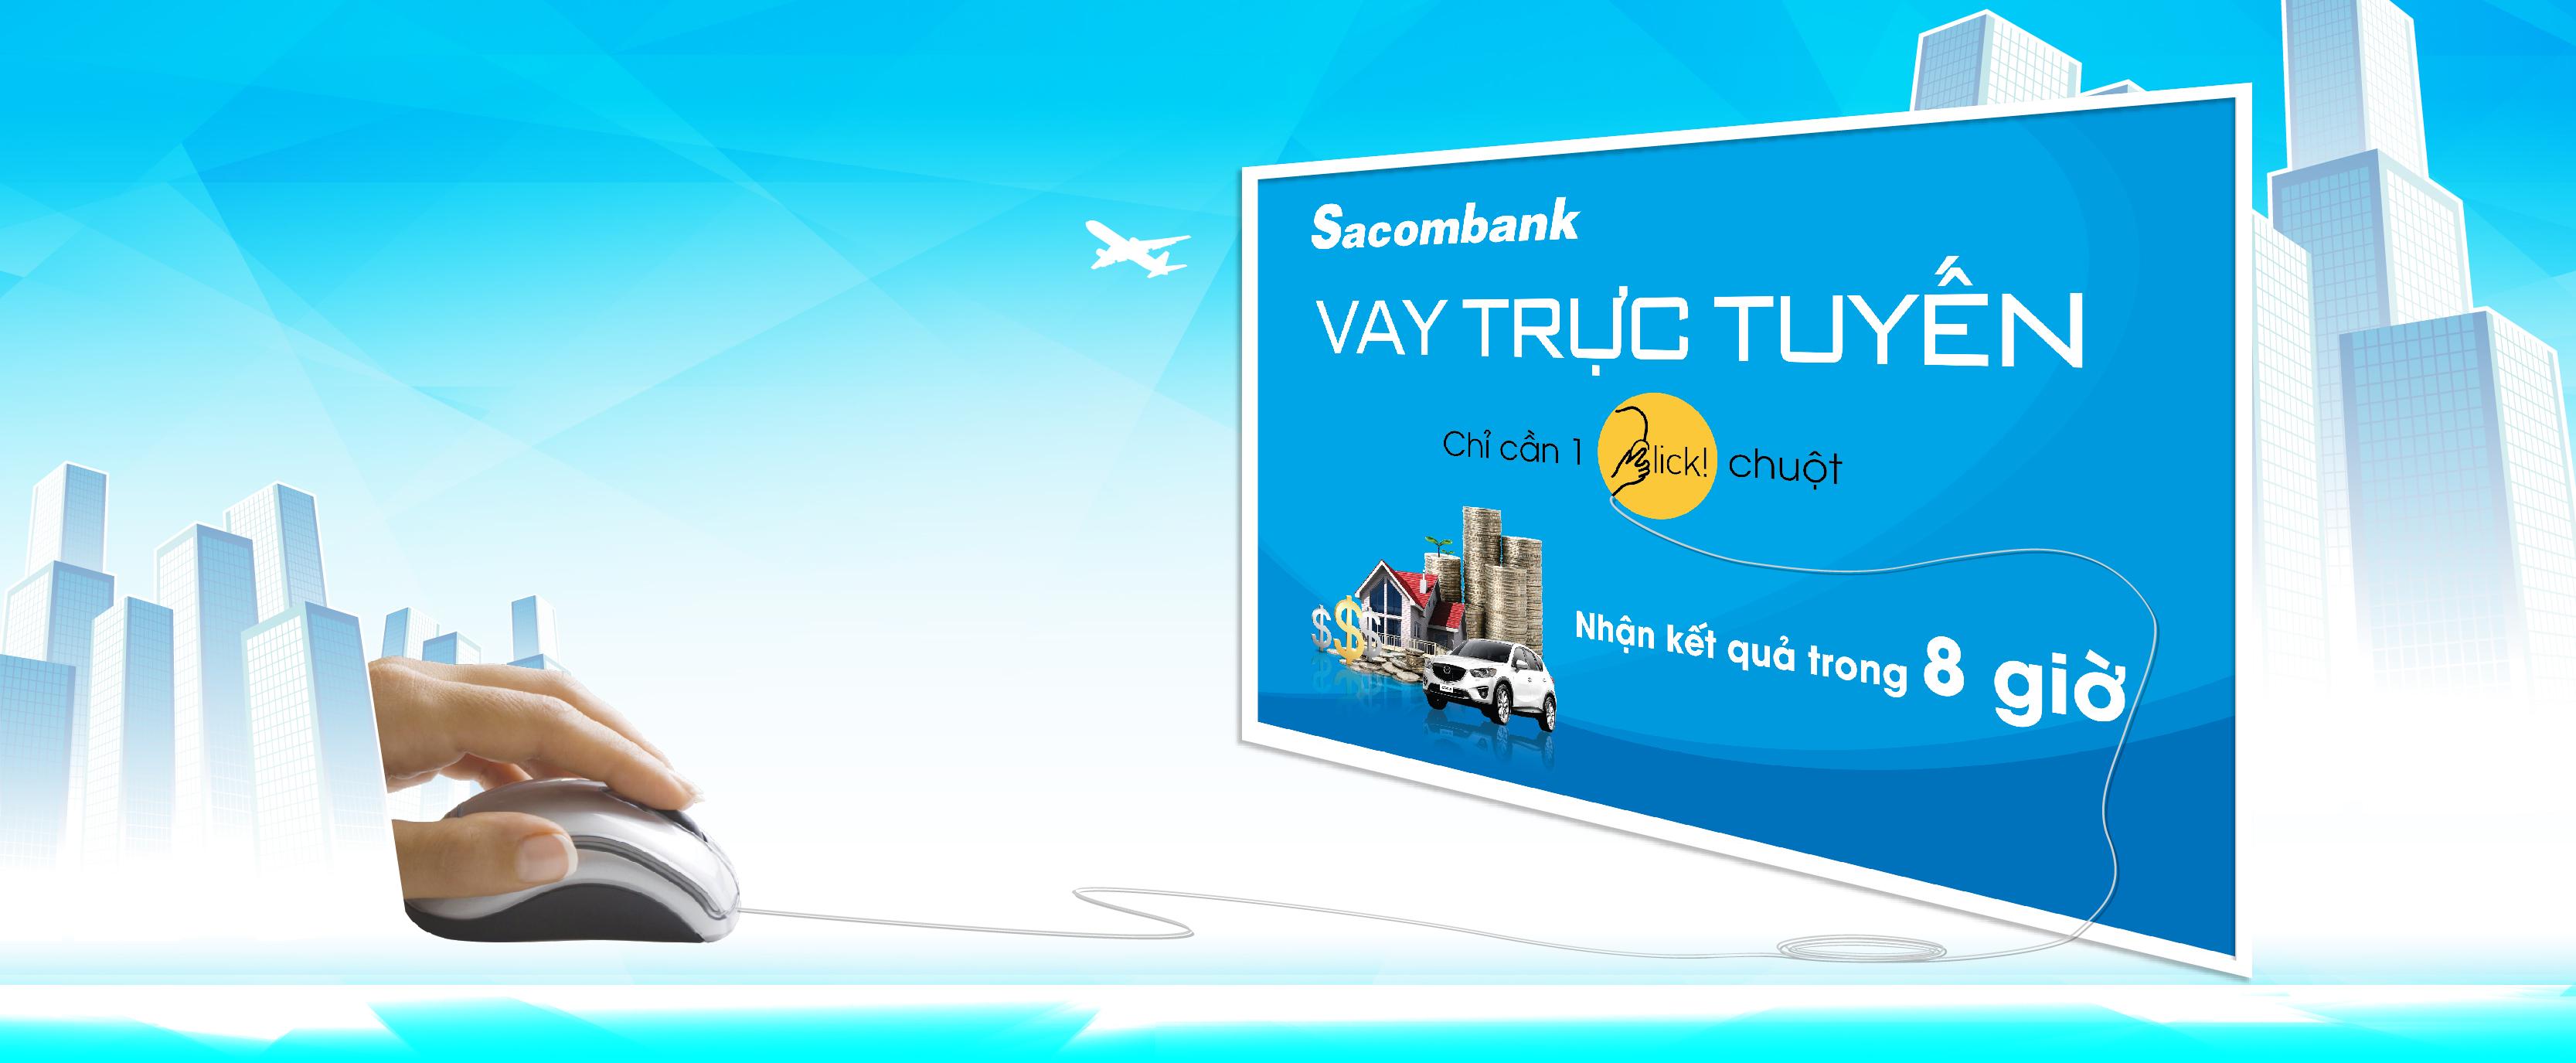 Ngân Hàng TMCP Sài Gòn Thương Tín (Sacombank) - PGD Thới ...